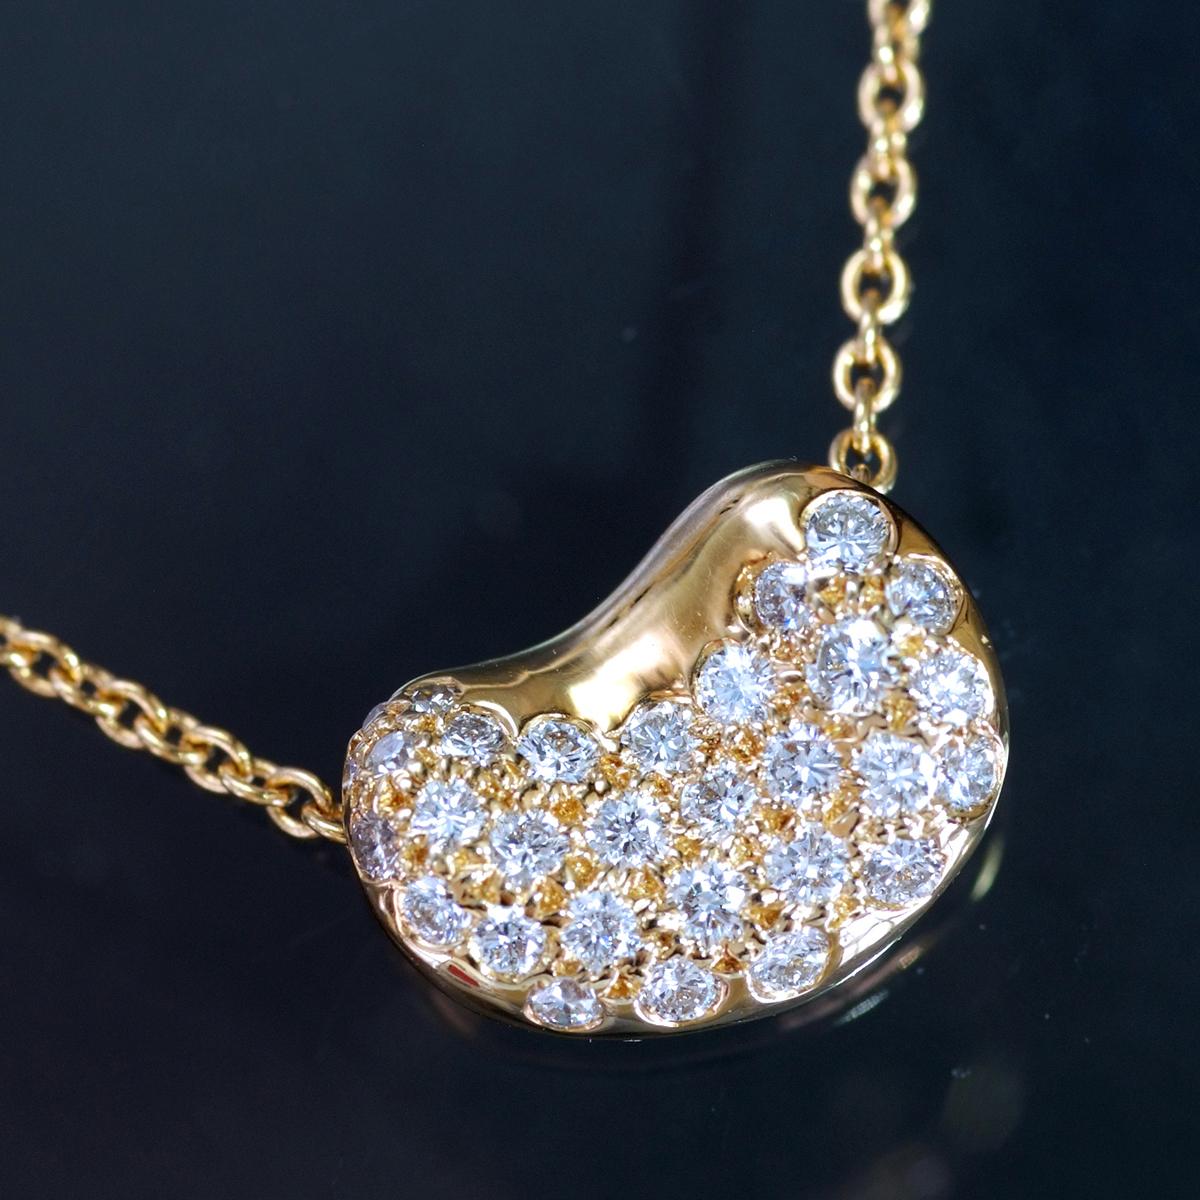 E8903【TIFFANY&Co.】ティファニー ビーン 天然絶品ダイヤモンド 最高級18金無垢ネックレス 長さ40.5cm 重量3.06g 幅7.7×10.7mm_画像1